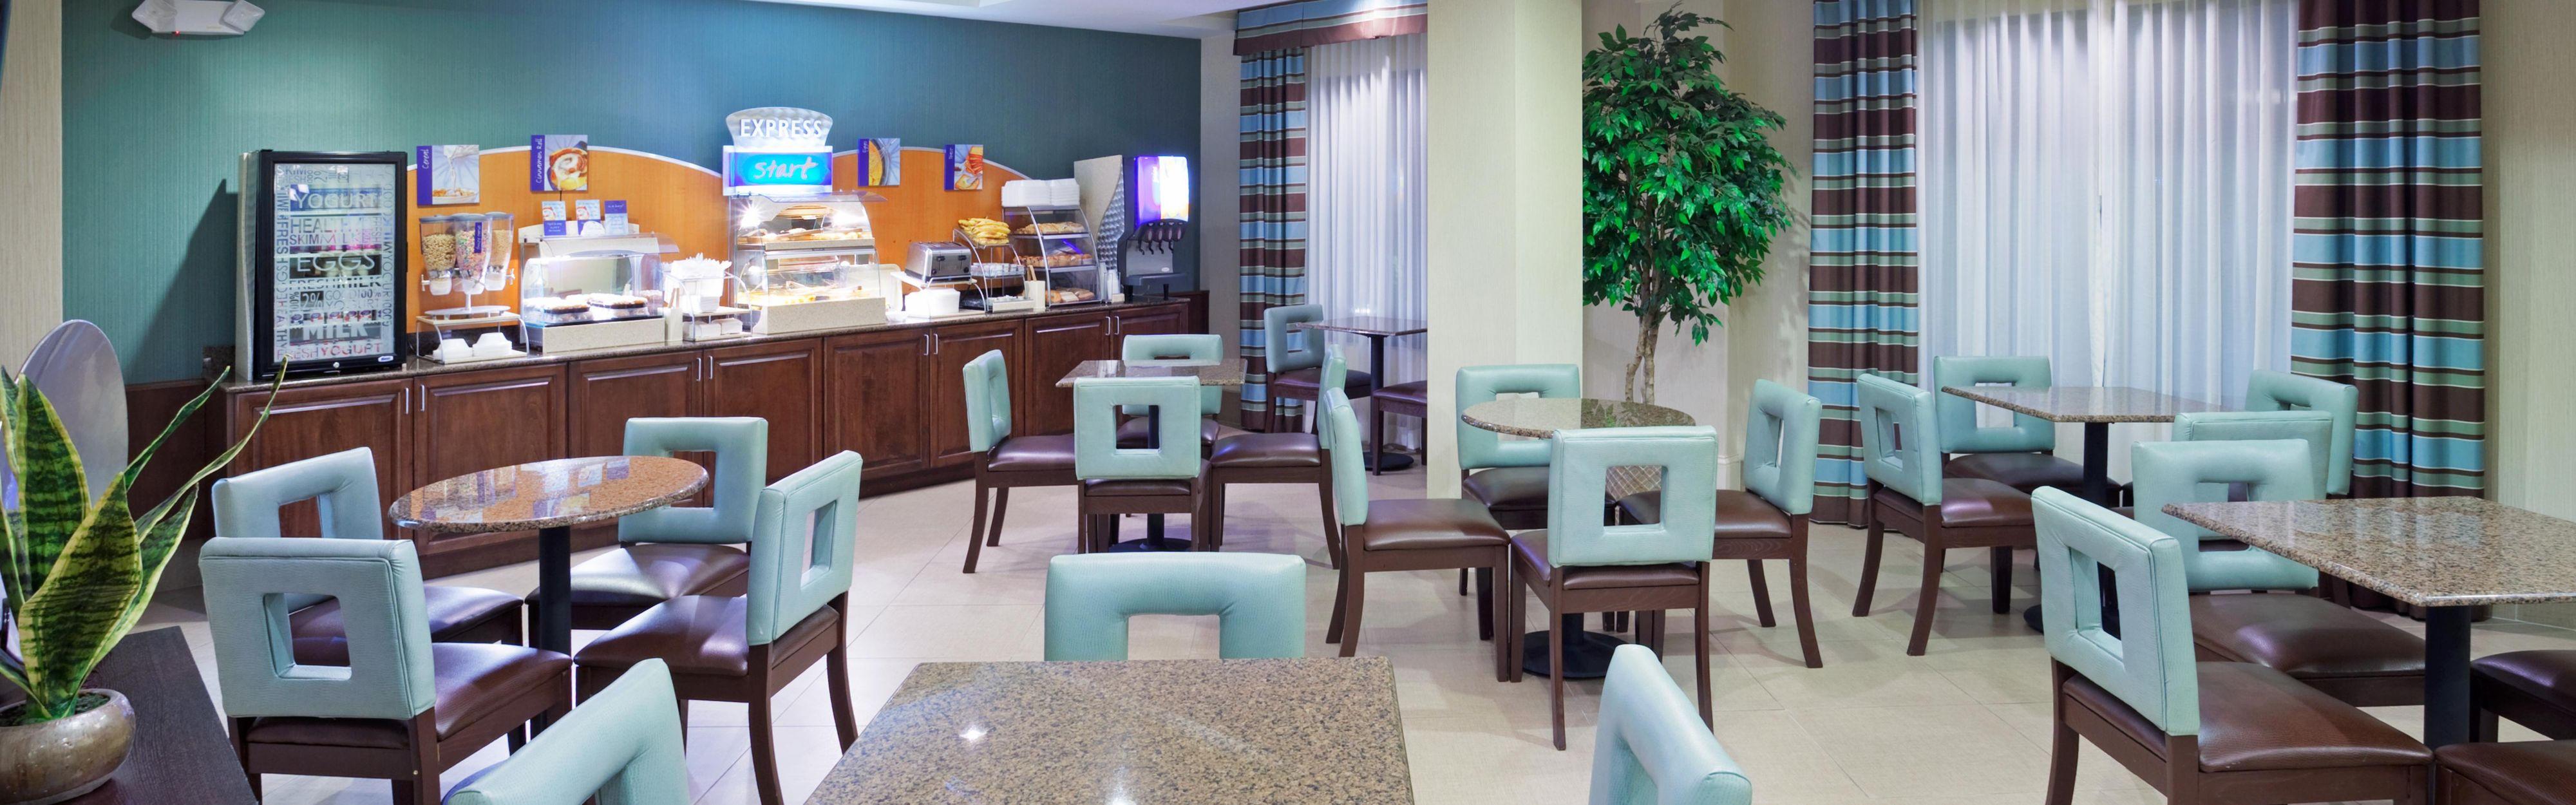 Holiday Inn Express & Suites Smyrna-Nashville Area image 3